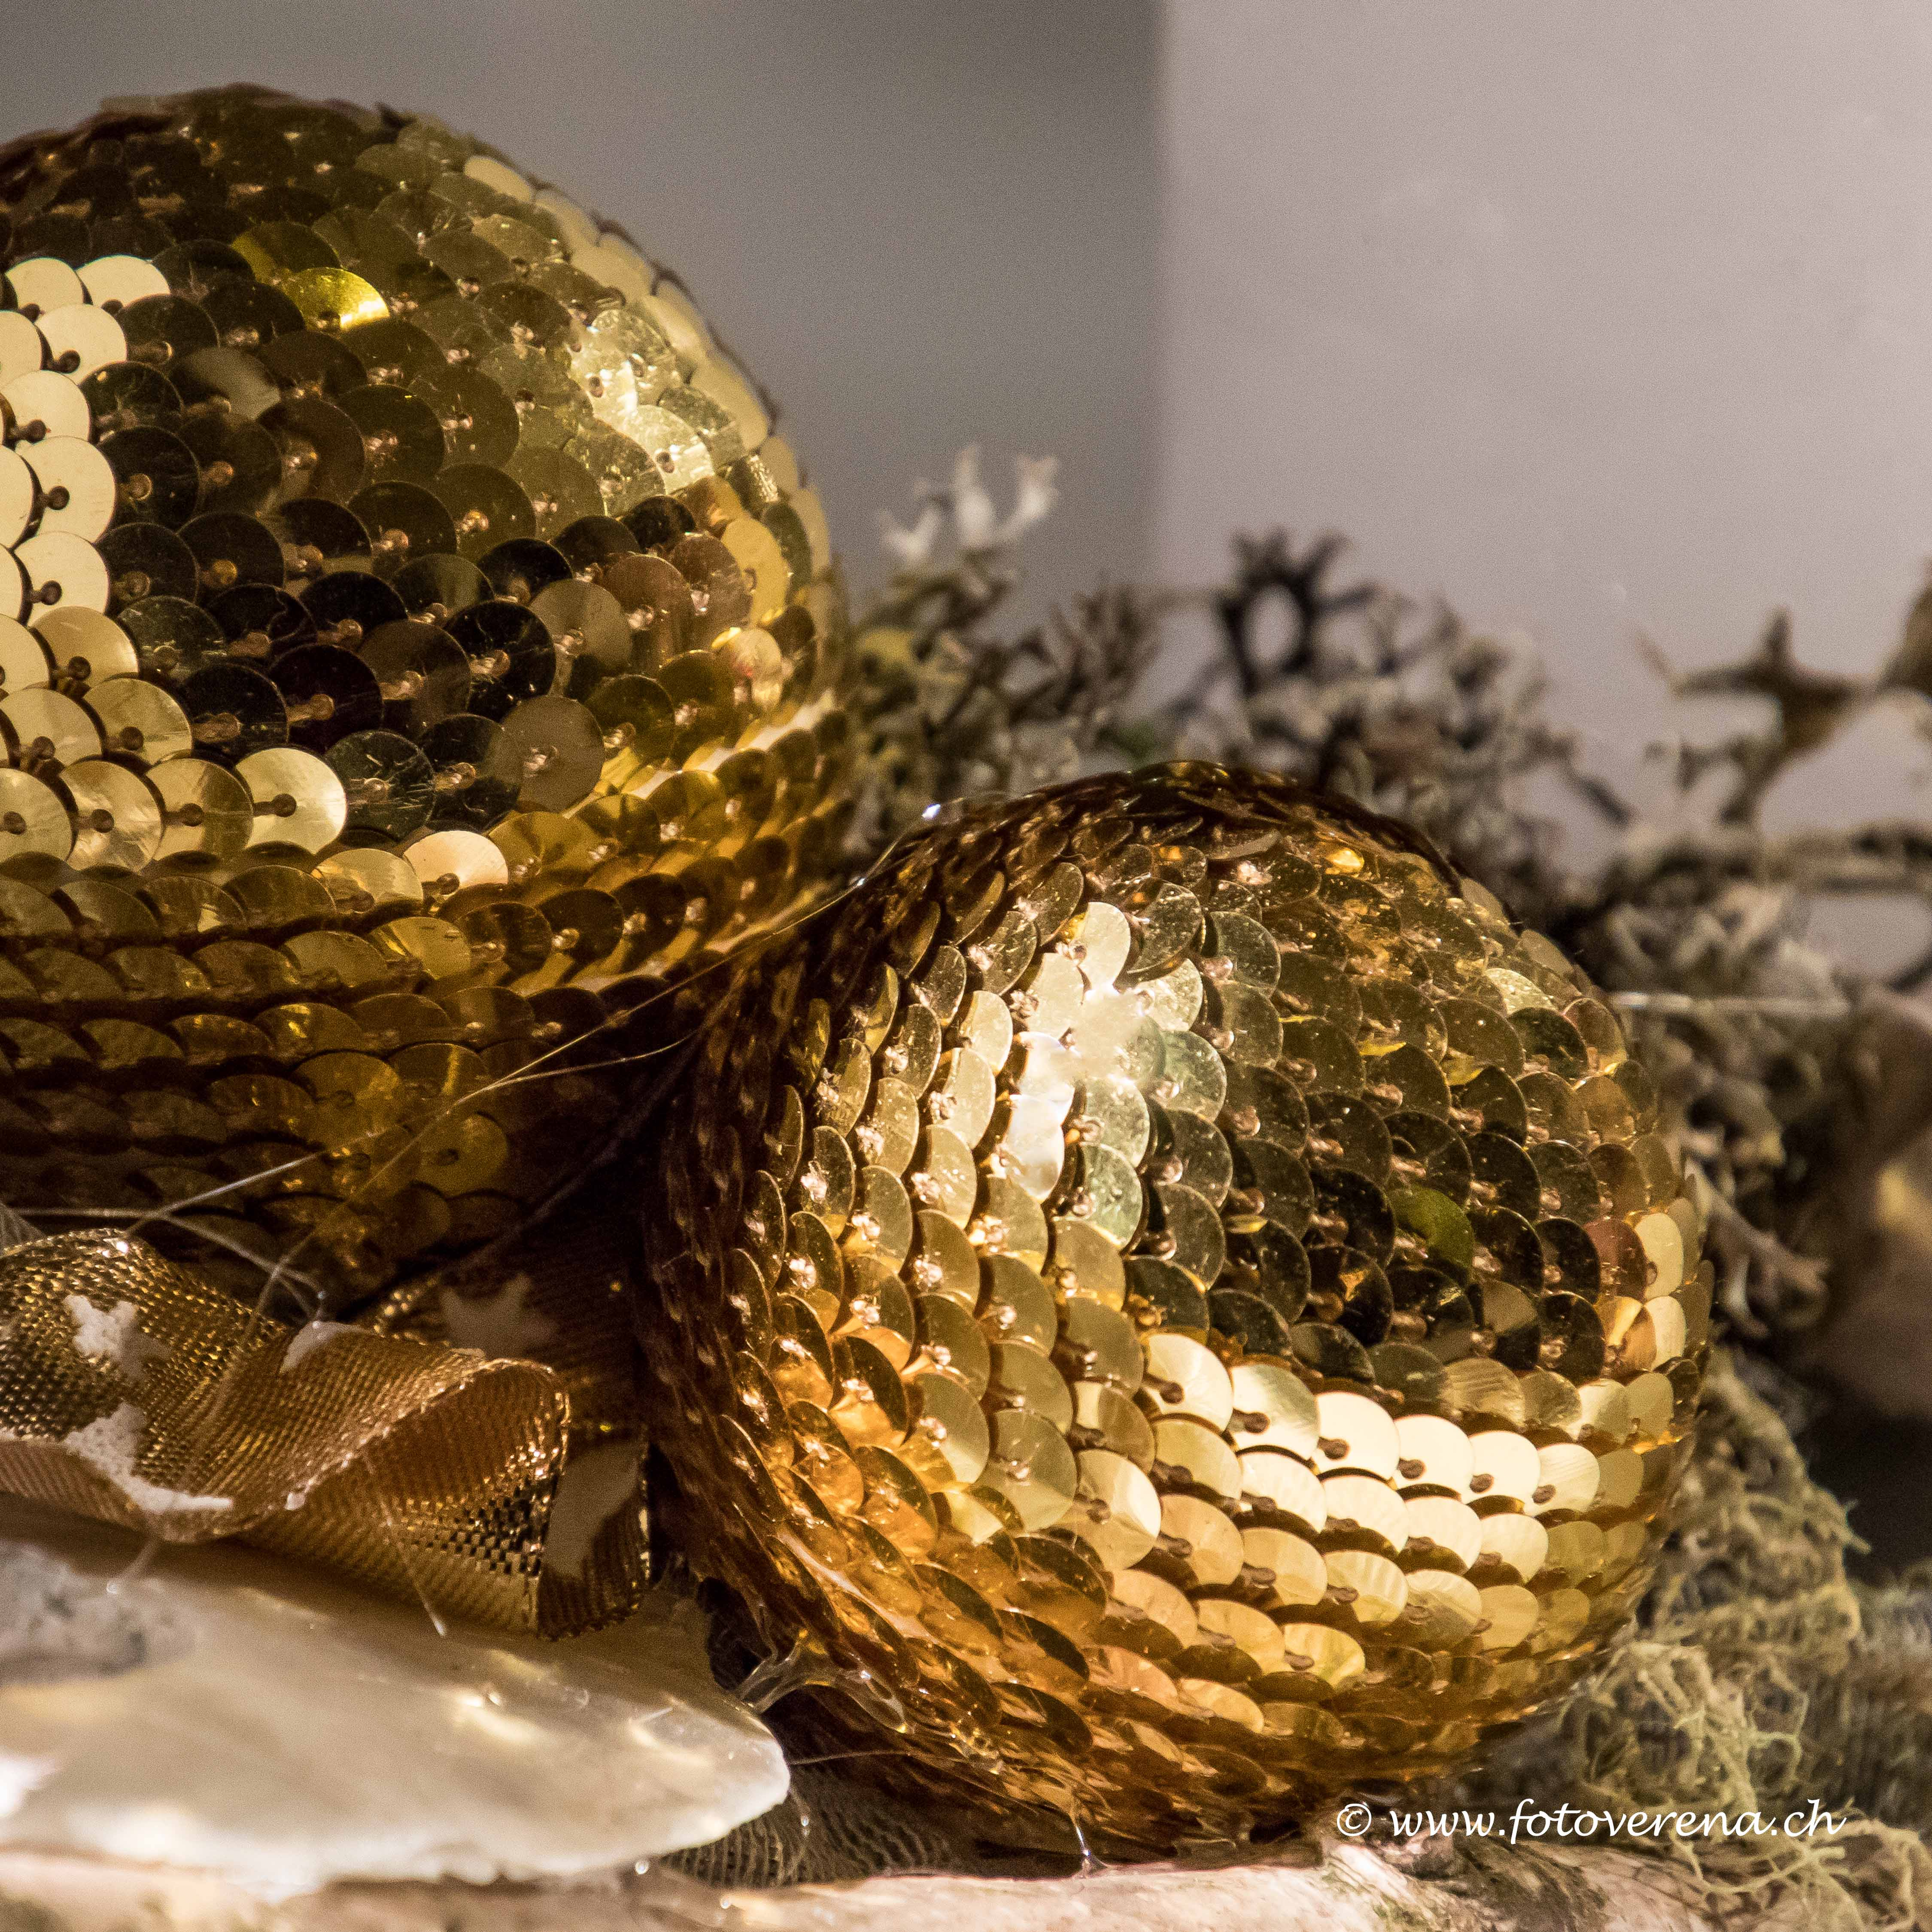 Goldene Weihnachtskugeln.Grosse Goldene Weihnachtskugeln Als Fotokartenmotiv